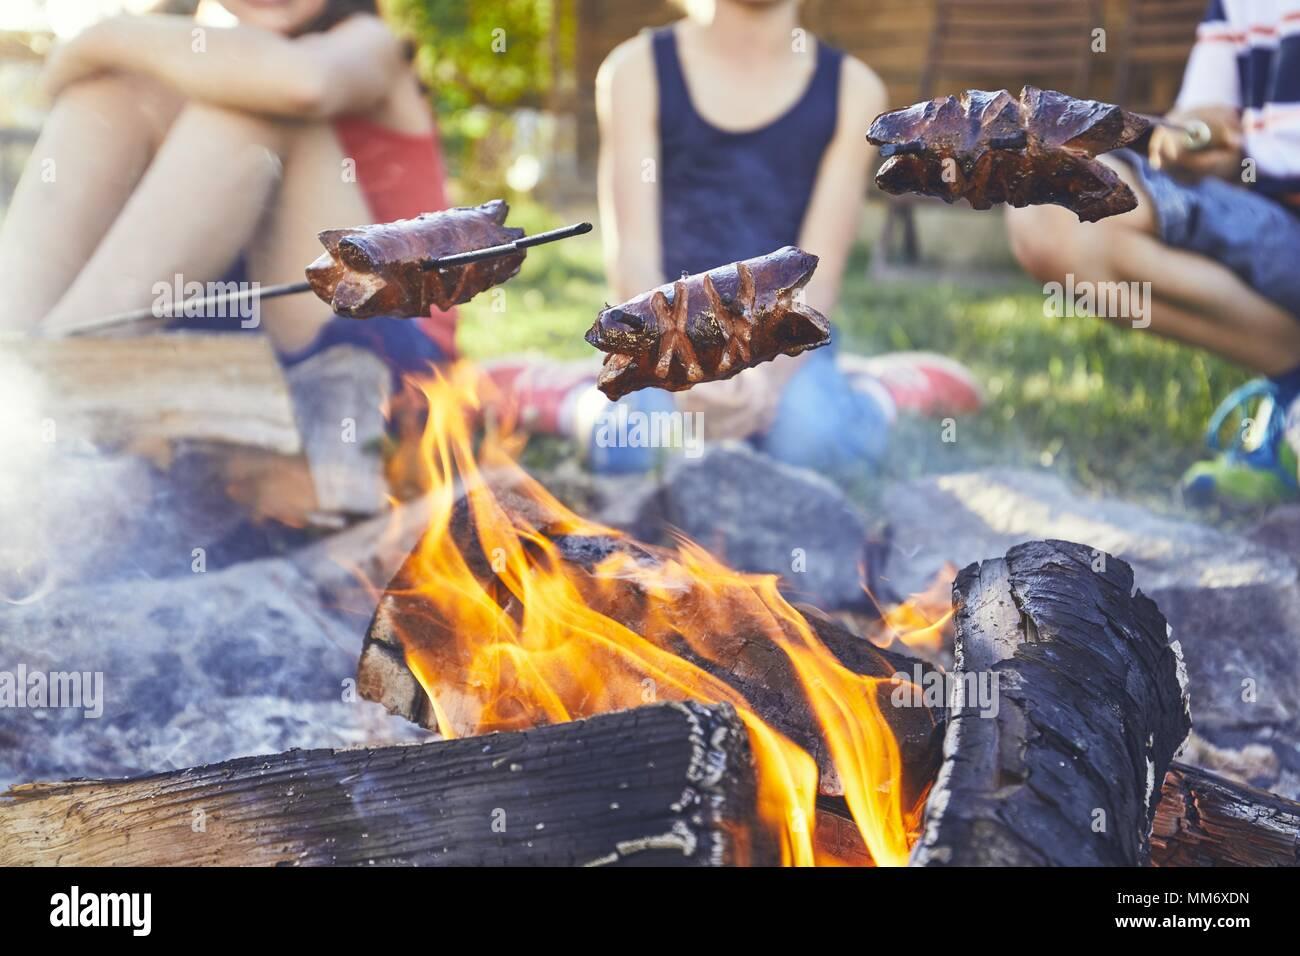 Les enfants bénéficient de camp. Les filles (famille) faire griller les saucisses sur le jardin. Photo Stock